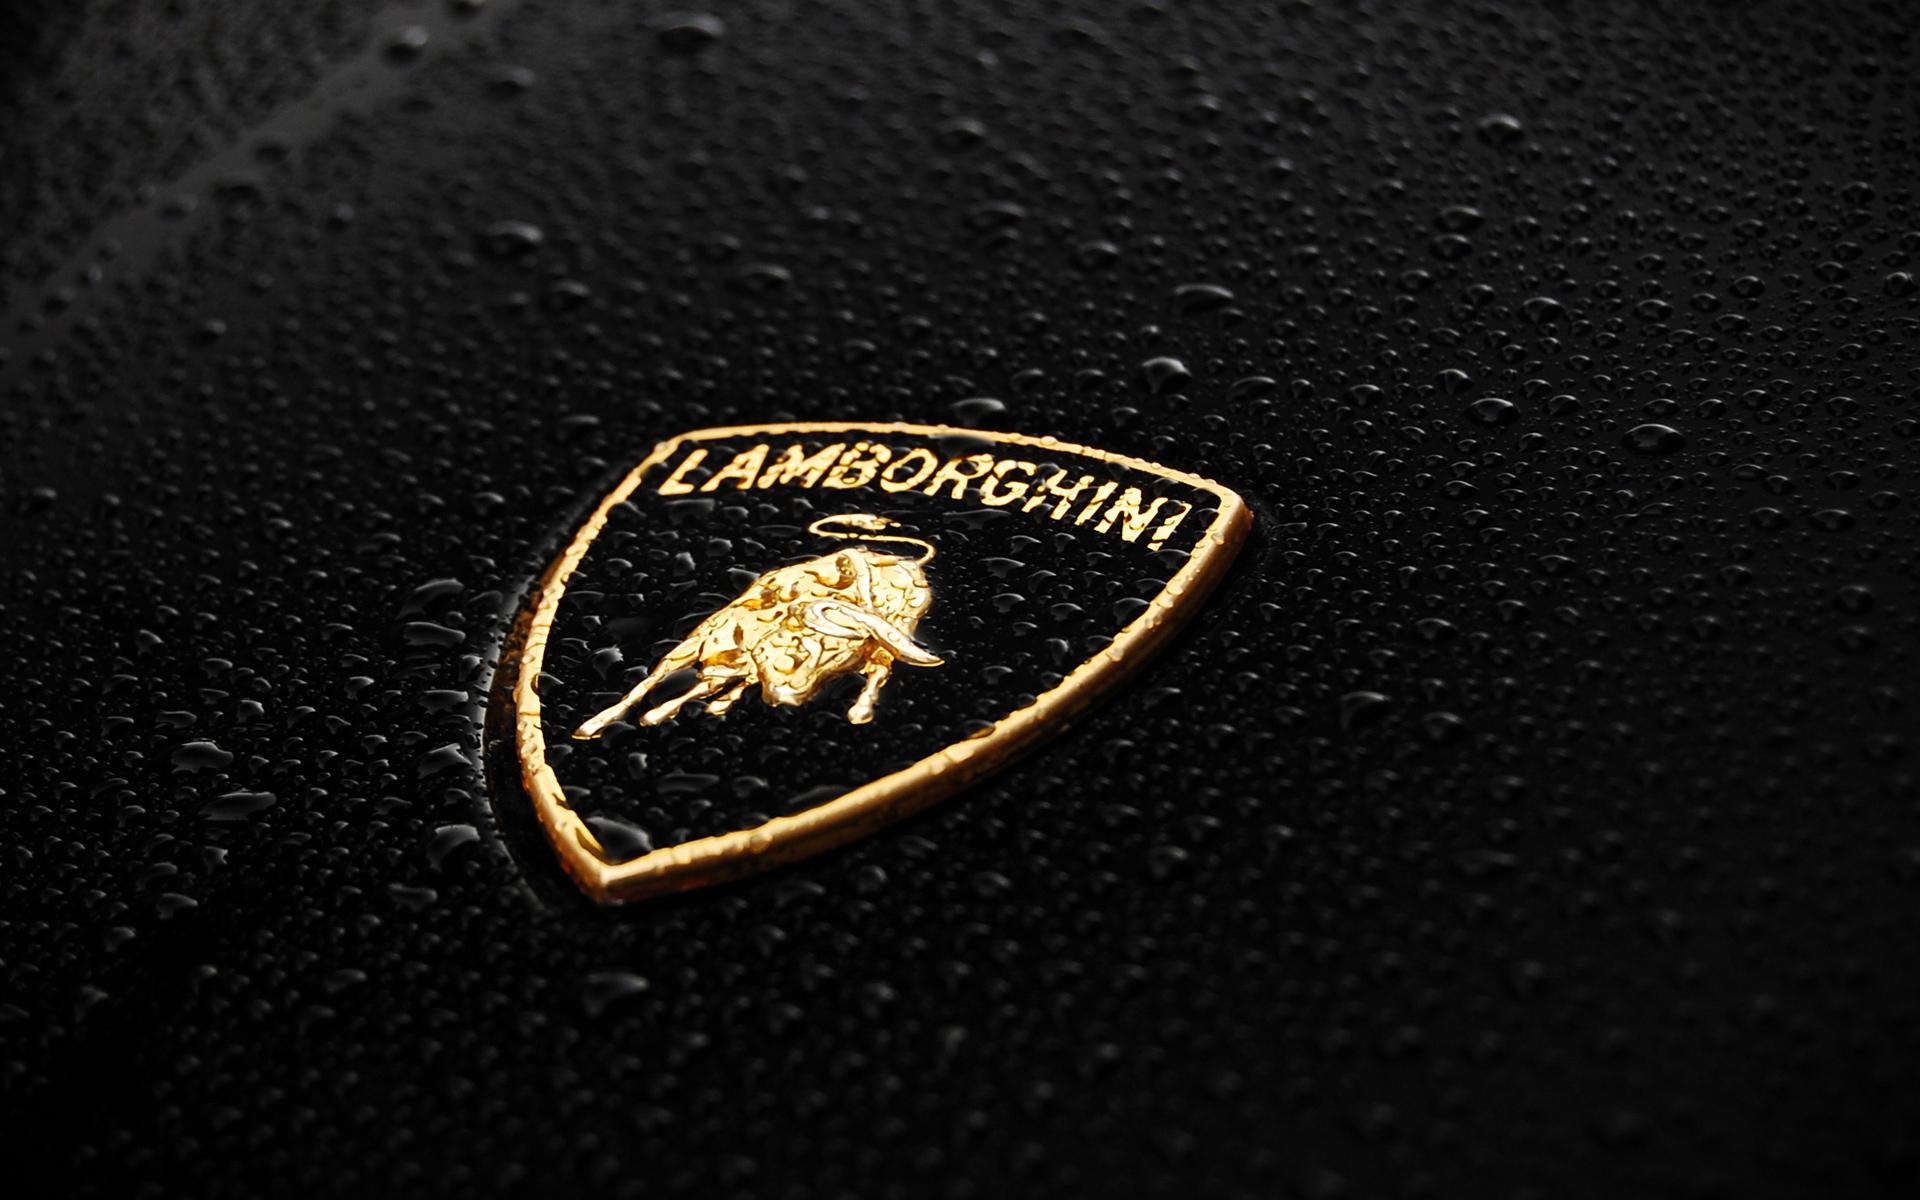 Lamborghini Logo Wallpaper | HD Car